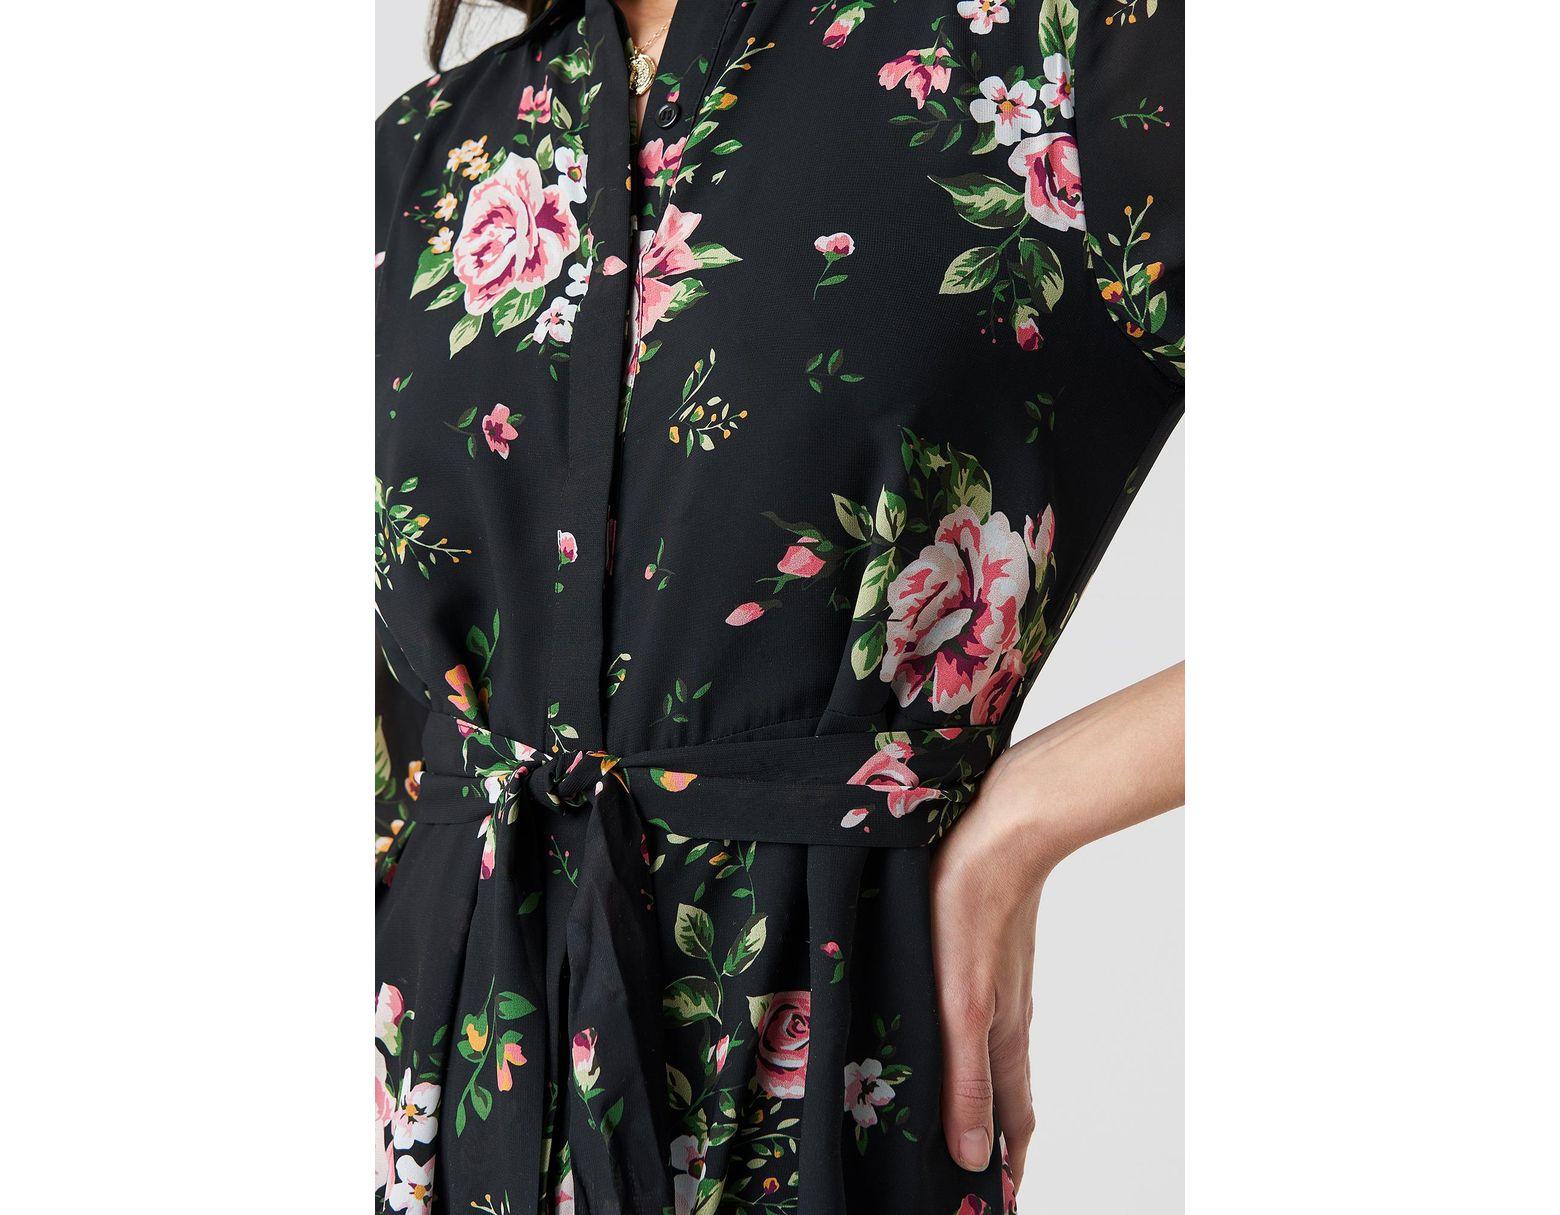 e89f984830 NA-KD Dark Floral Maxi Dress Multicolor - Lyst